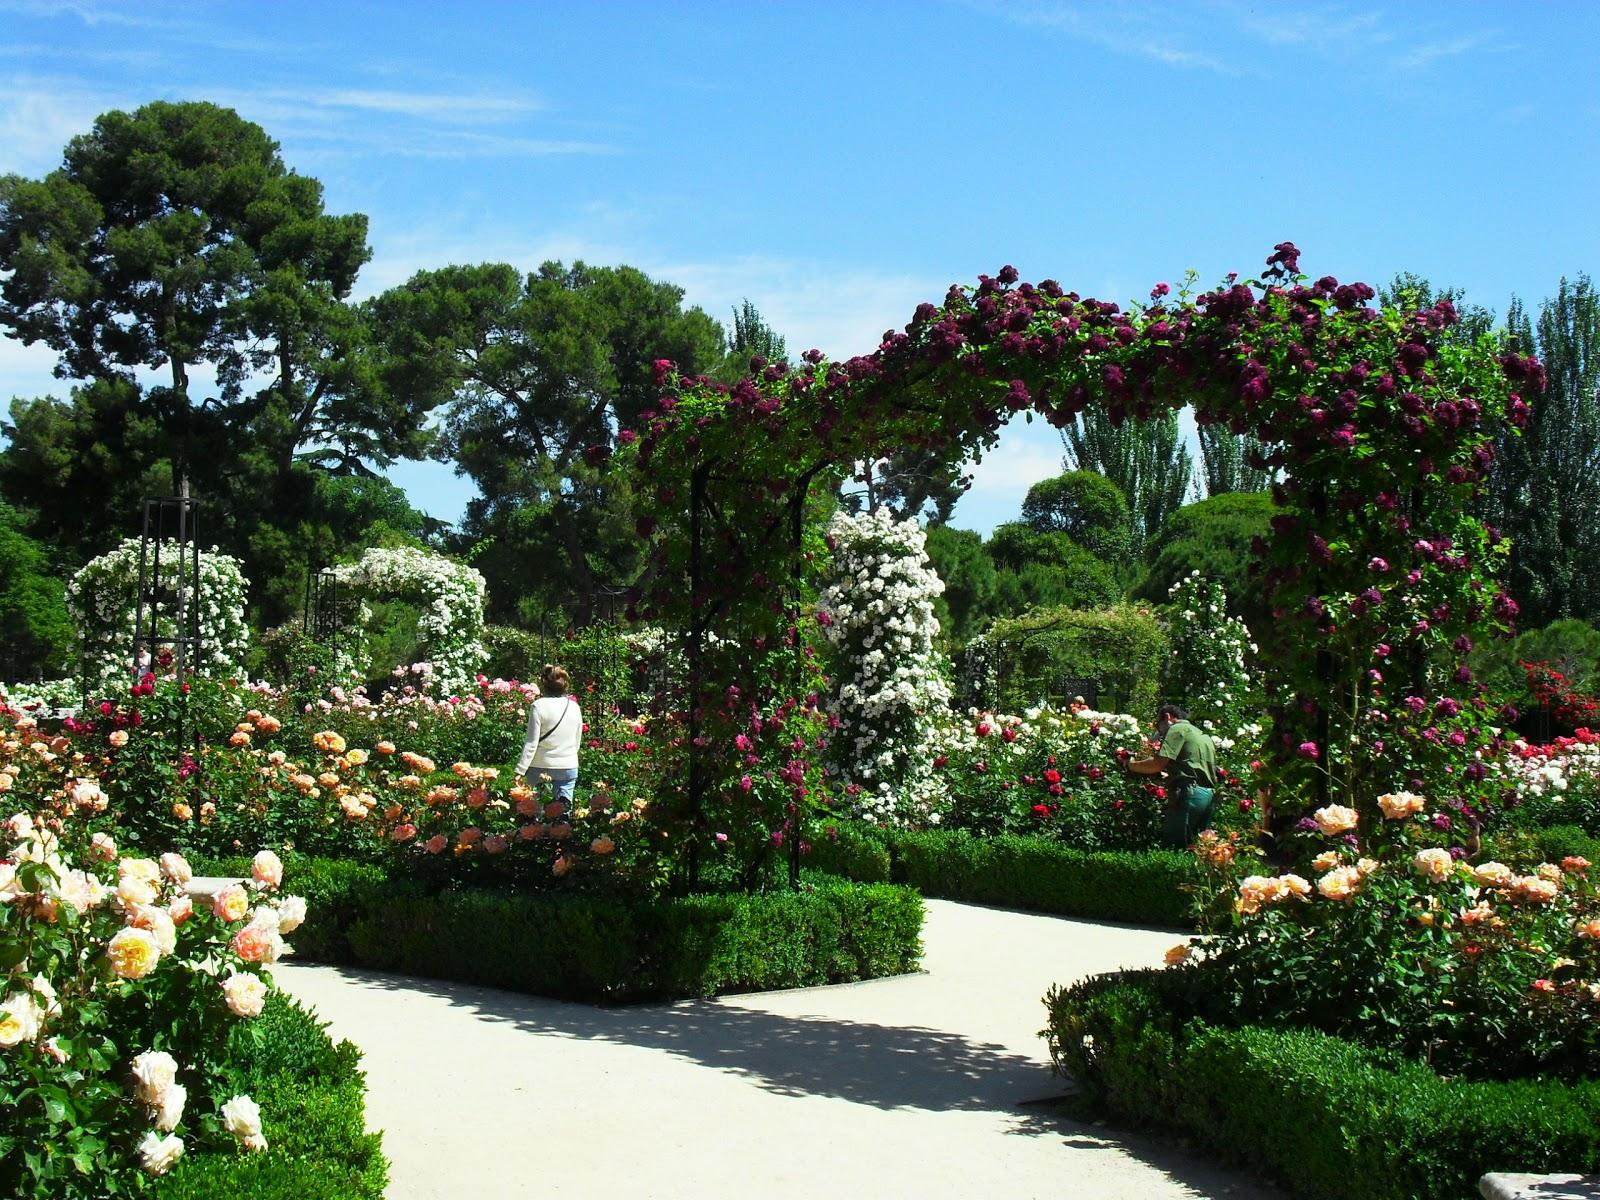 Arte y jardiner a el jard n de rosas - Disenos de jardineria ...